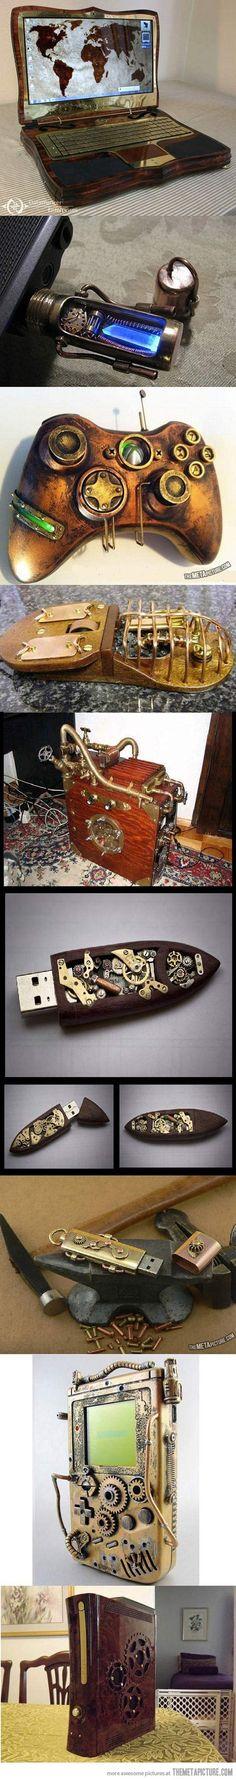 Steampunk gadgets…